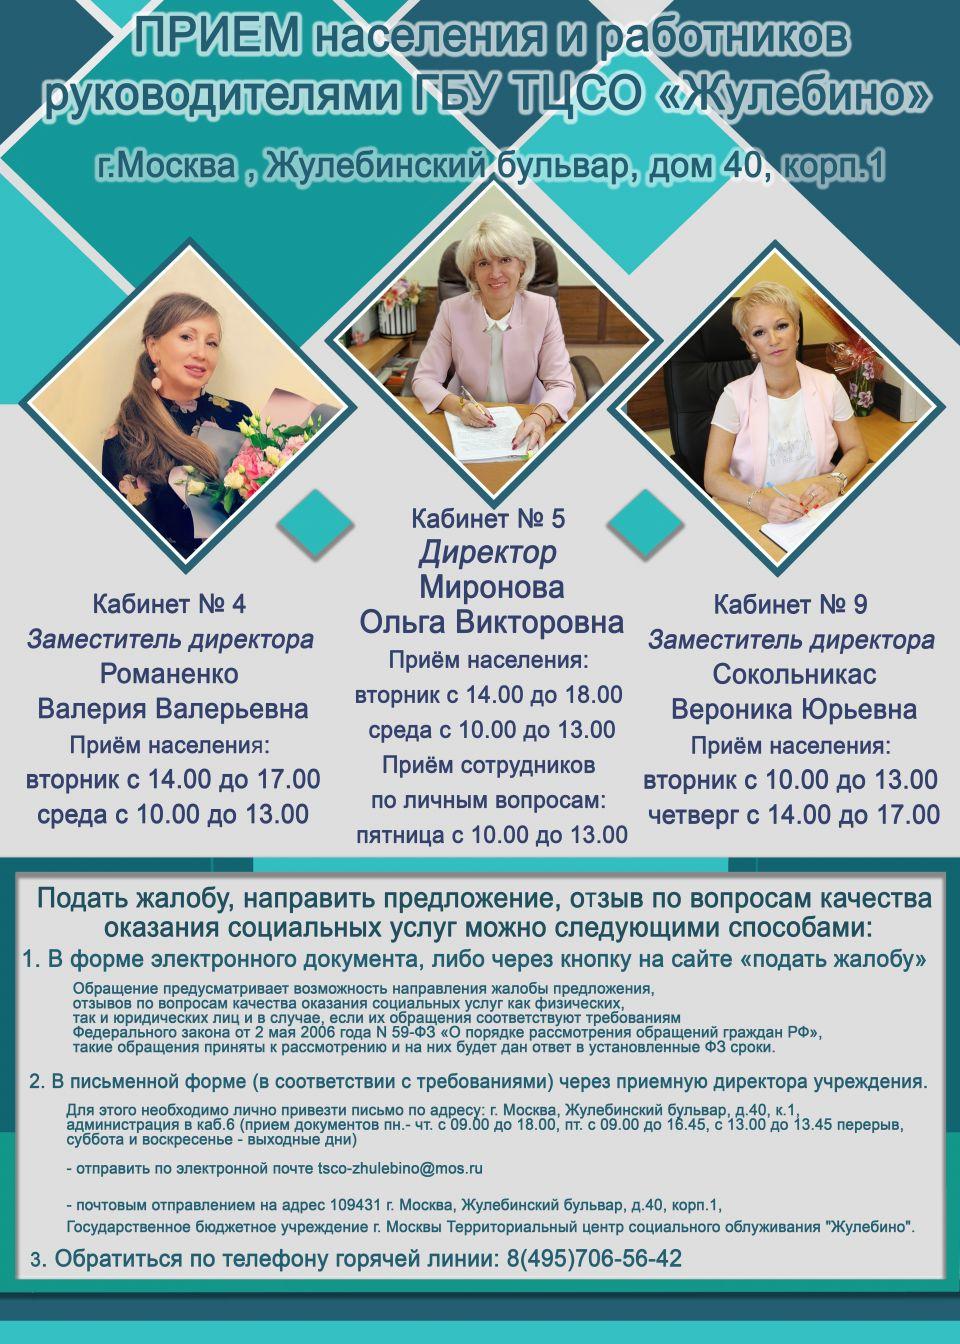 Получить личную медицинскую книжку в Москве Выхино-Жулебино